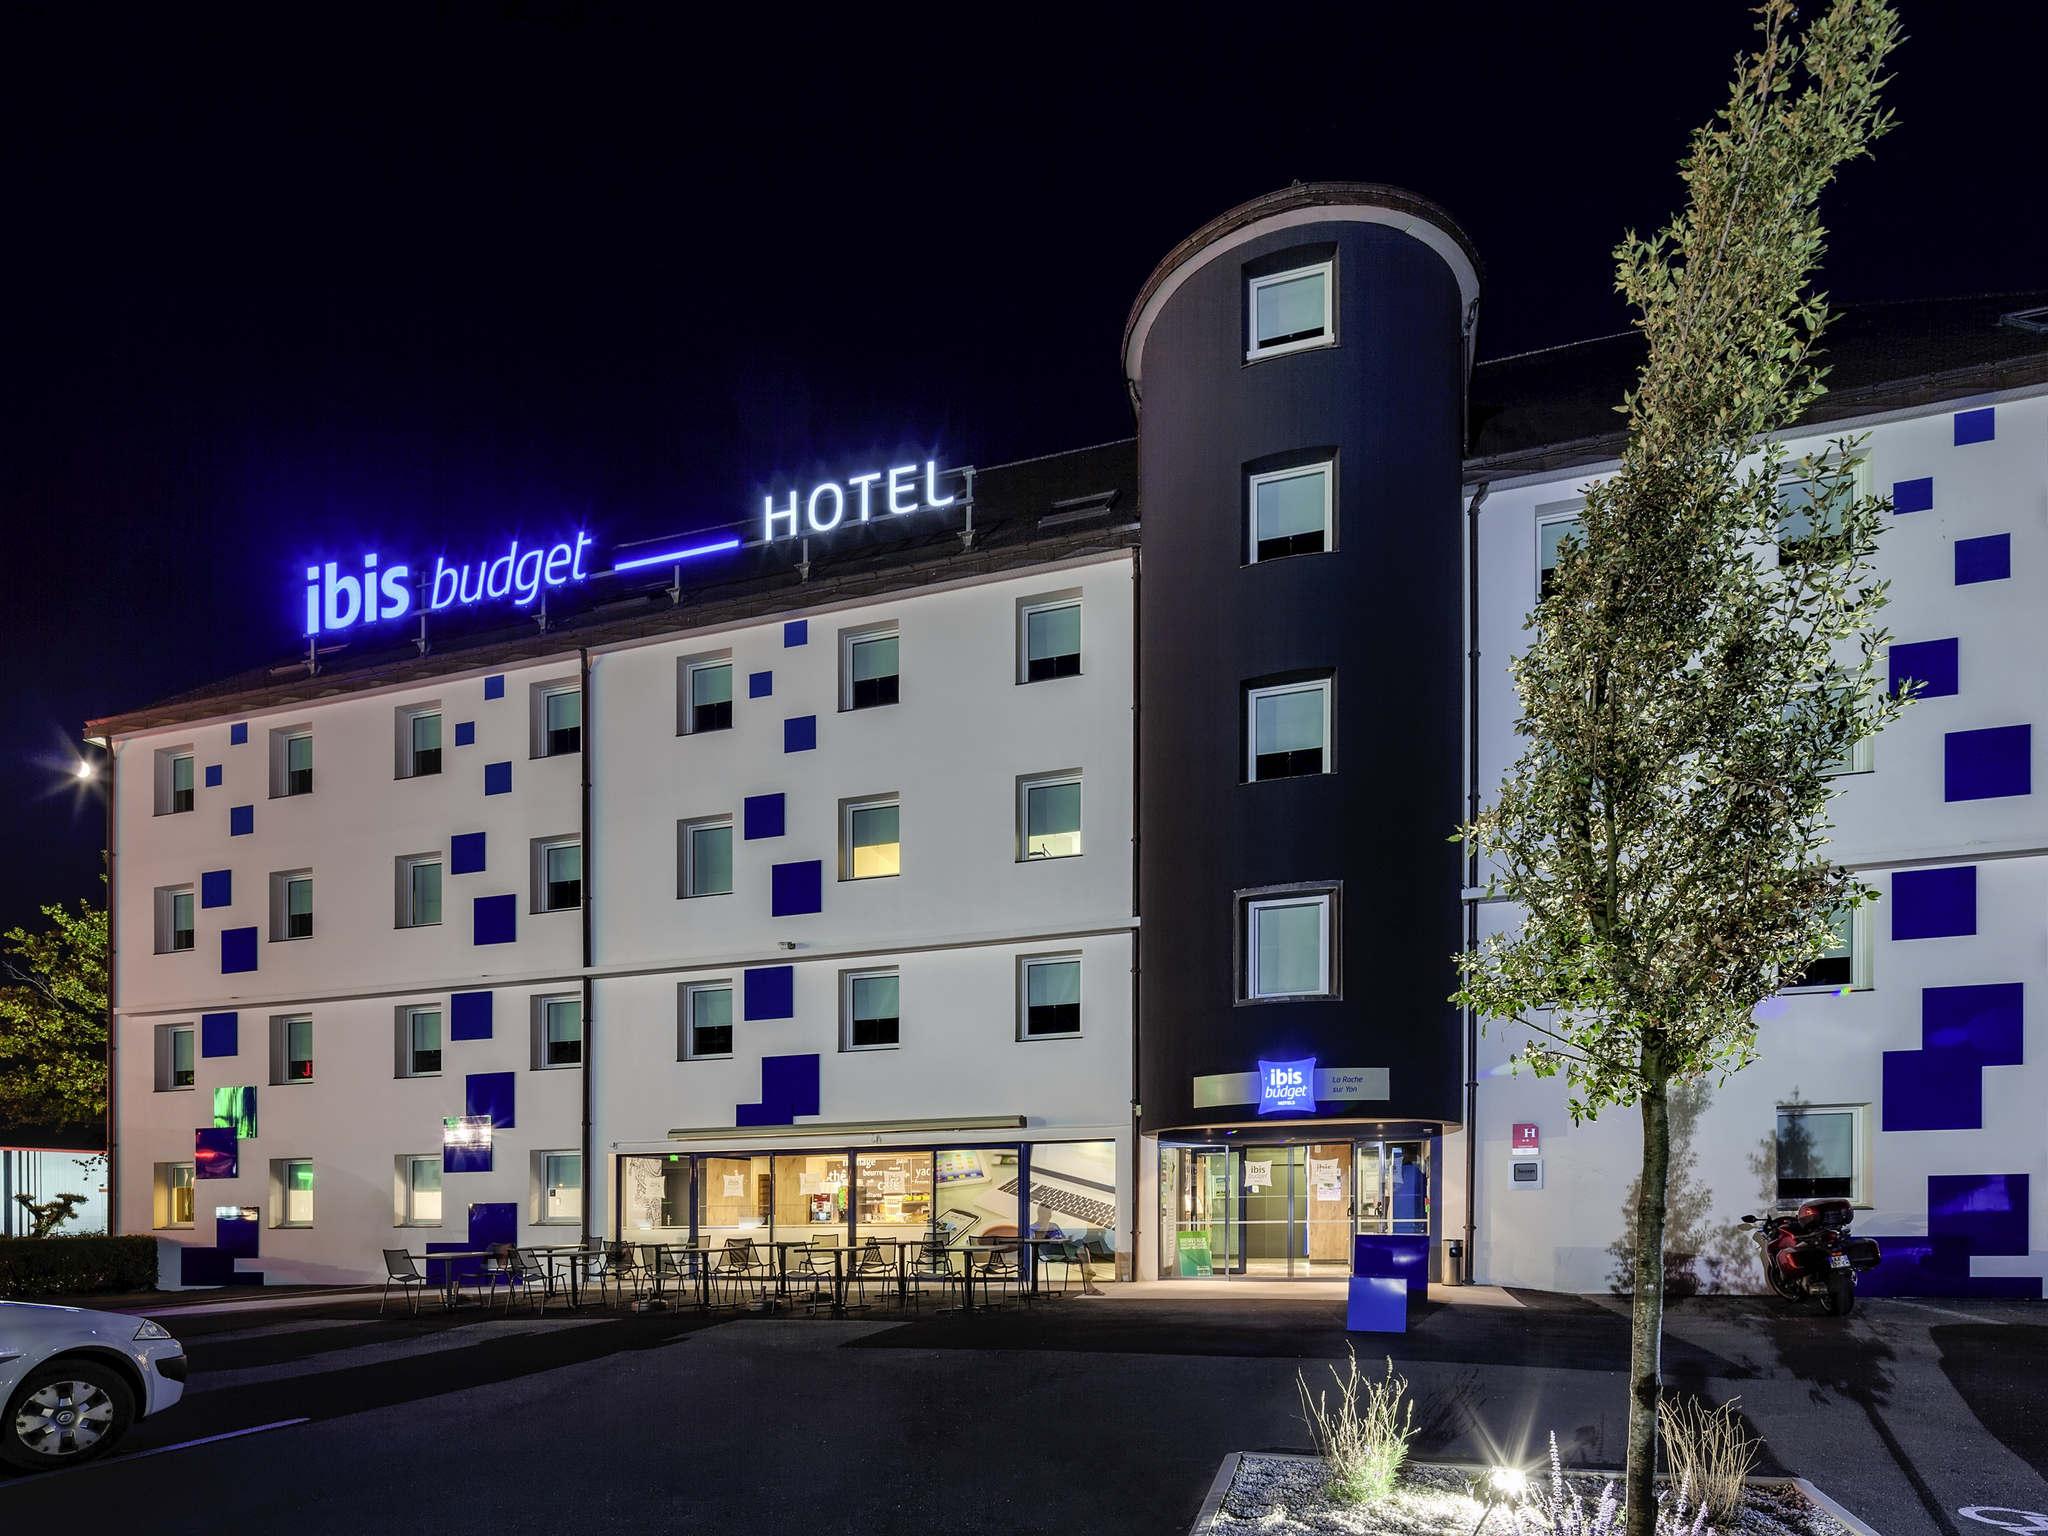 Hotel – ibis budget La Roche Sur Yon